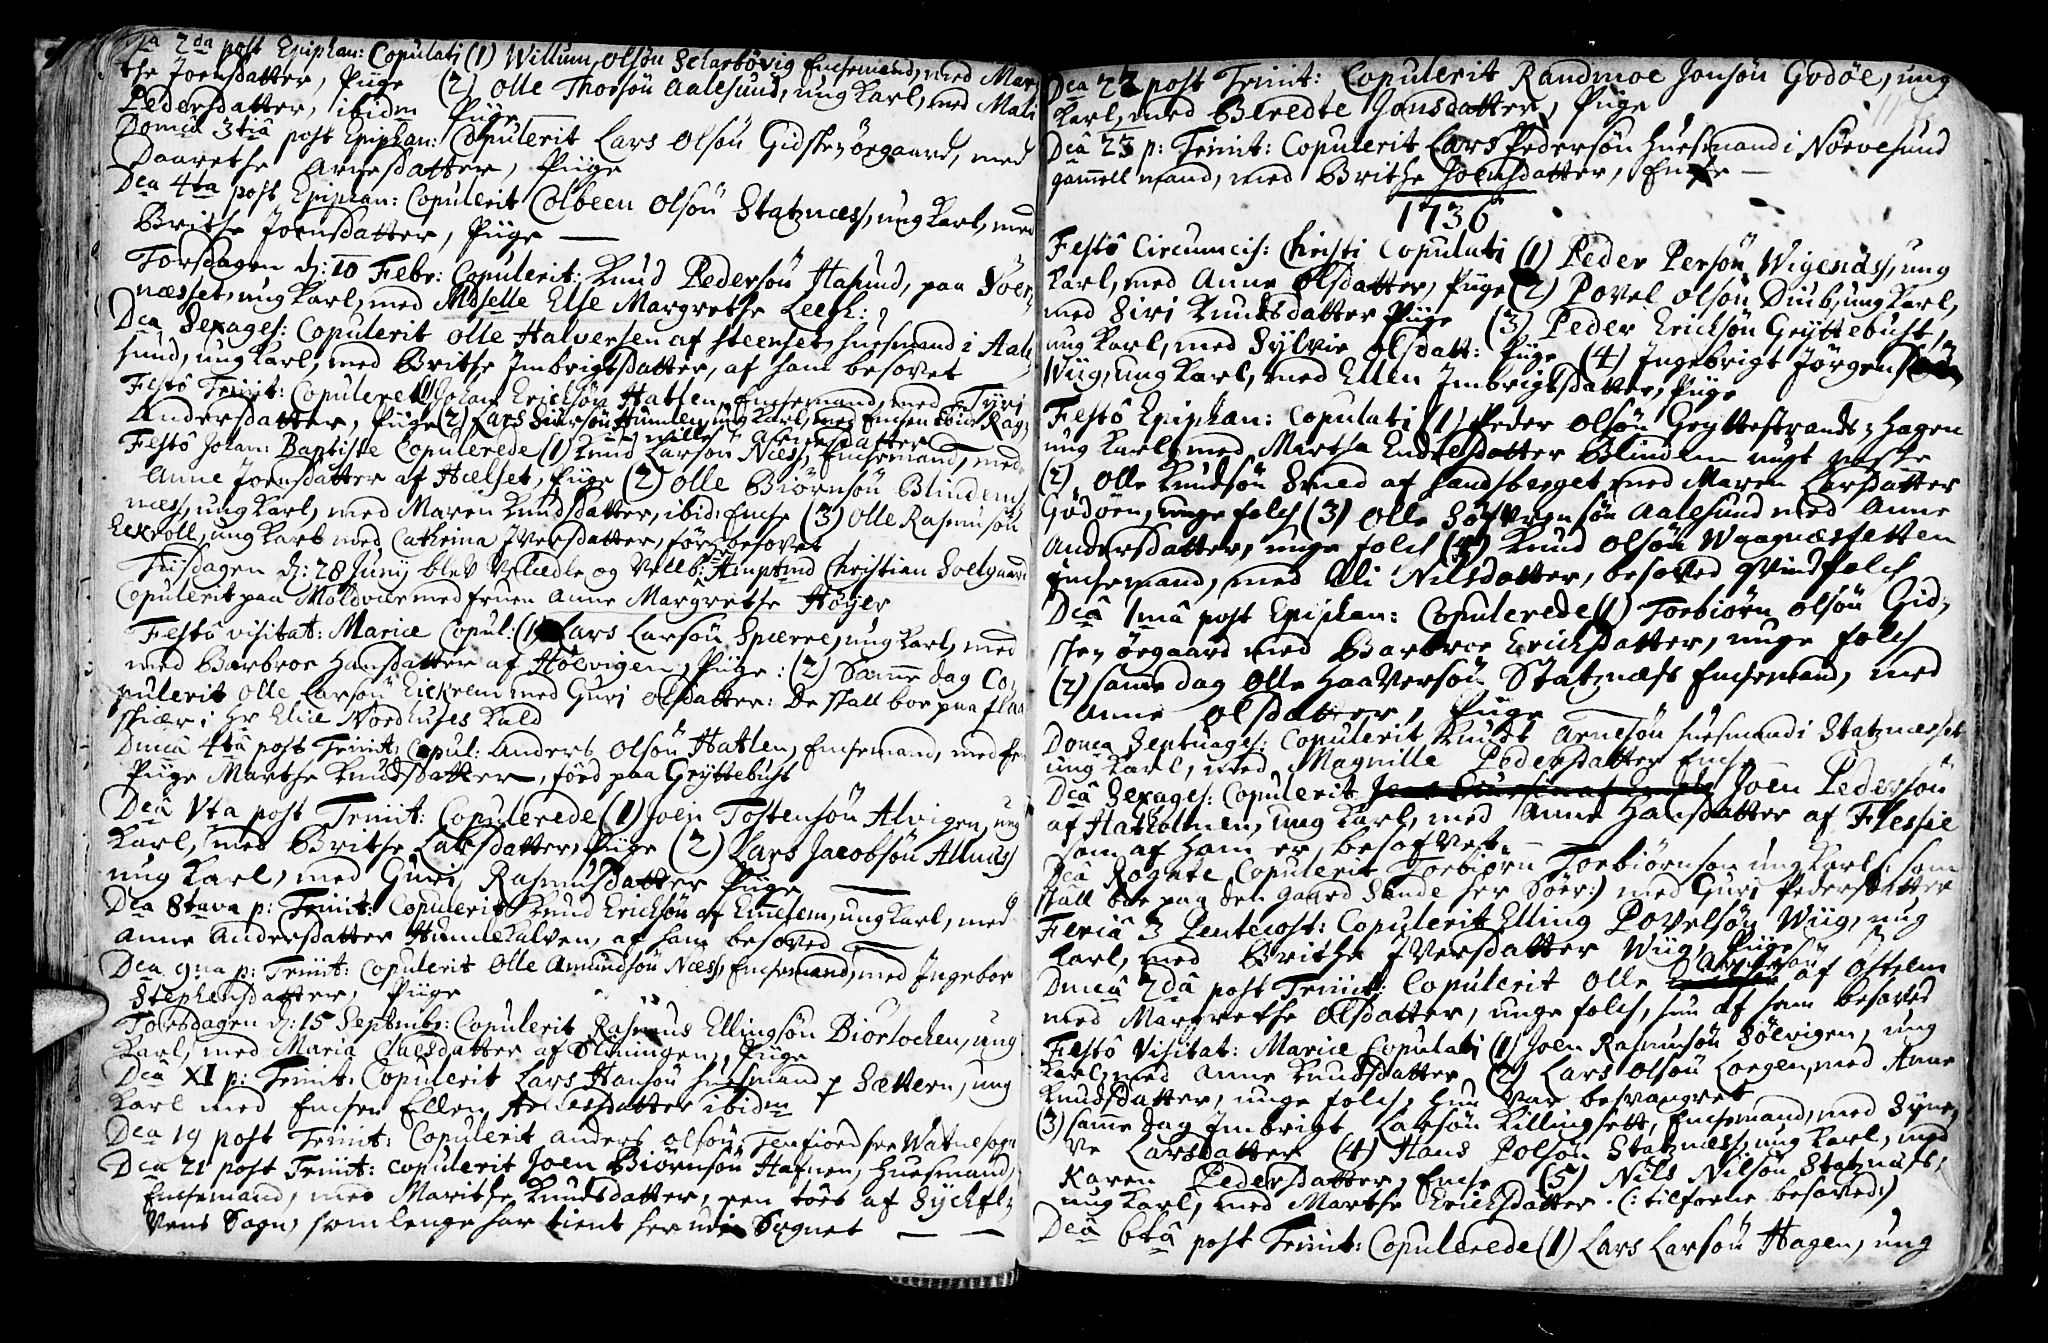 SAT, Ministerialprotokoller, klokkerbøker og fødselsregistre - Møre og Romsdal, 528/L0390: Ministerialbok nr. 528A01, 1698-1739, s. 116-117